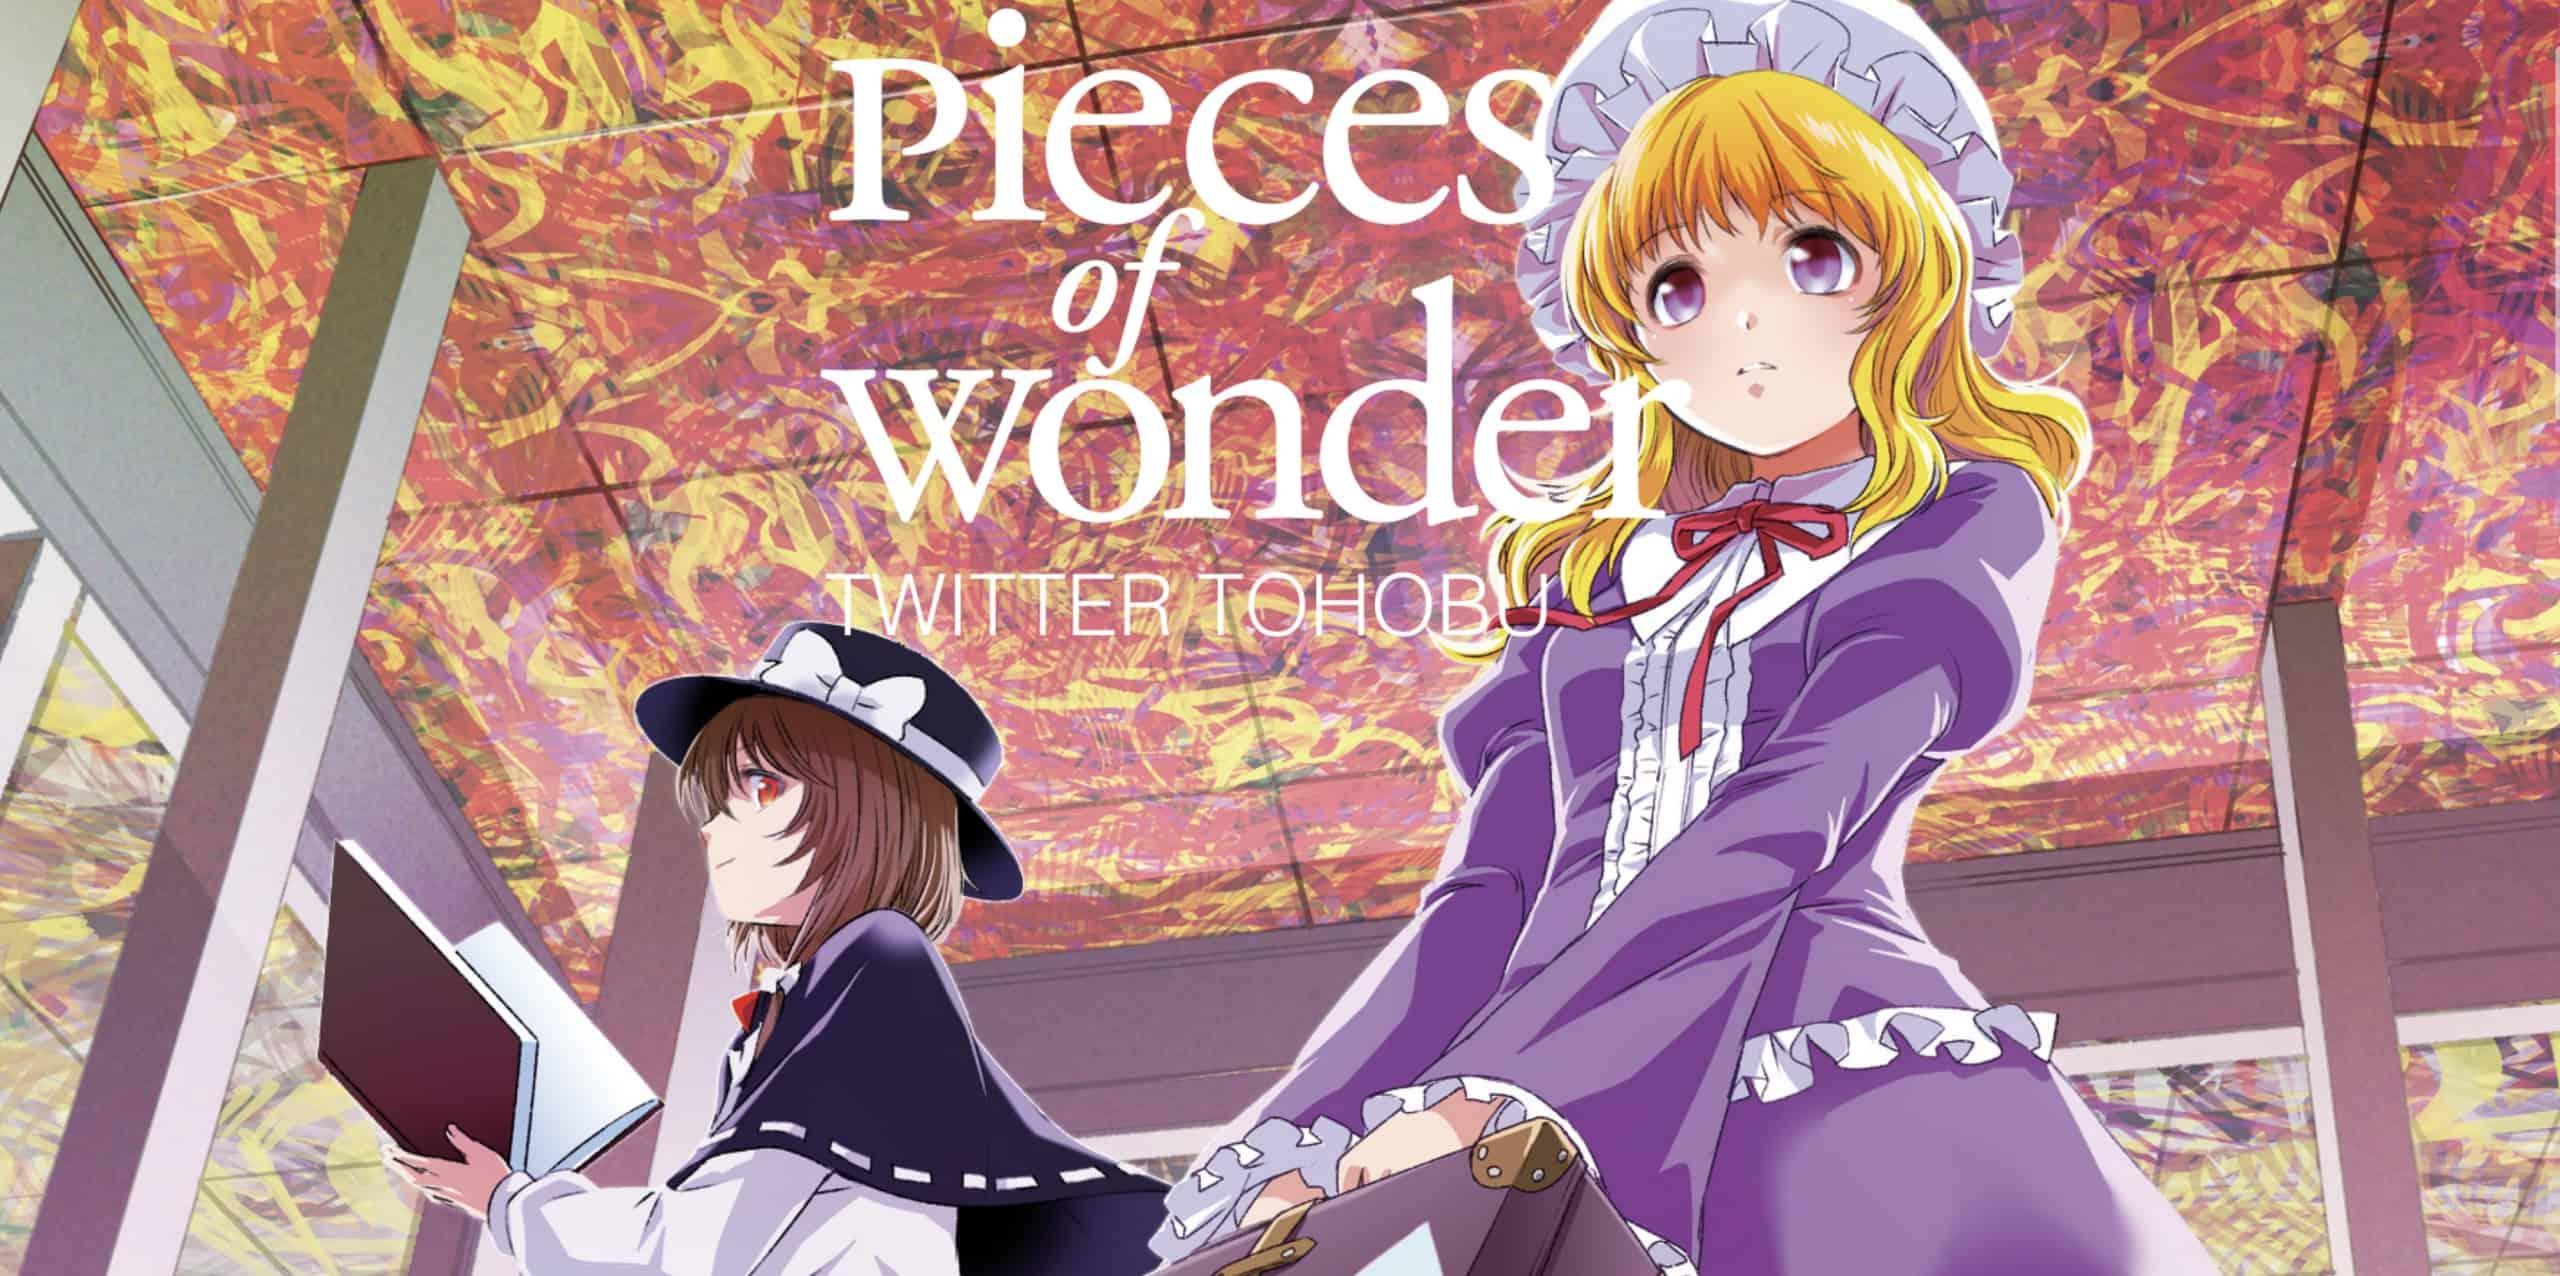 加入グループ ついったー東方部 16th JAZZ ALBUM 「Pieces of Wonder」リリース!